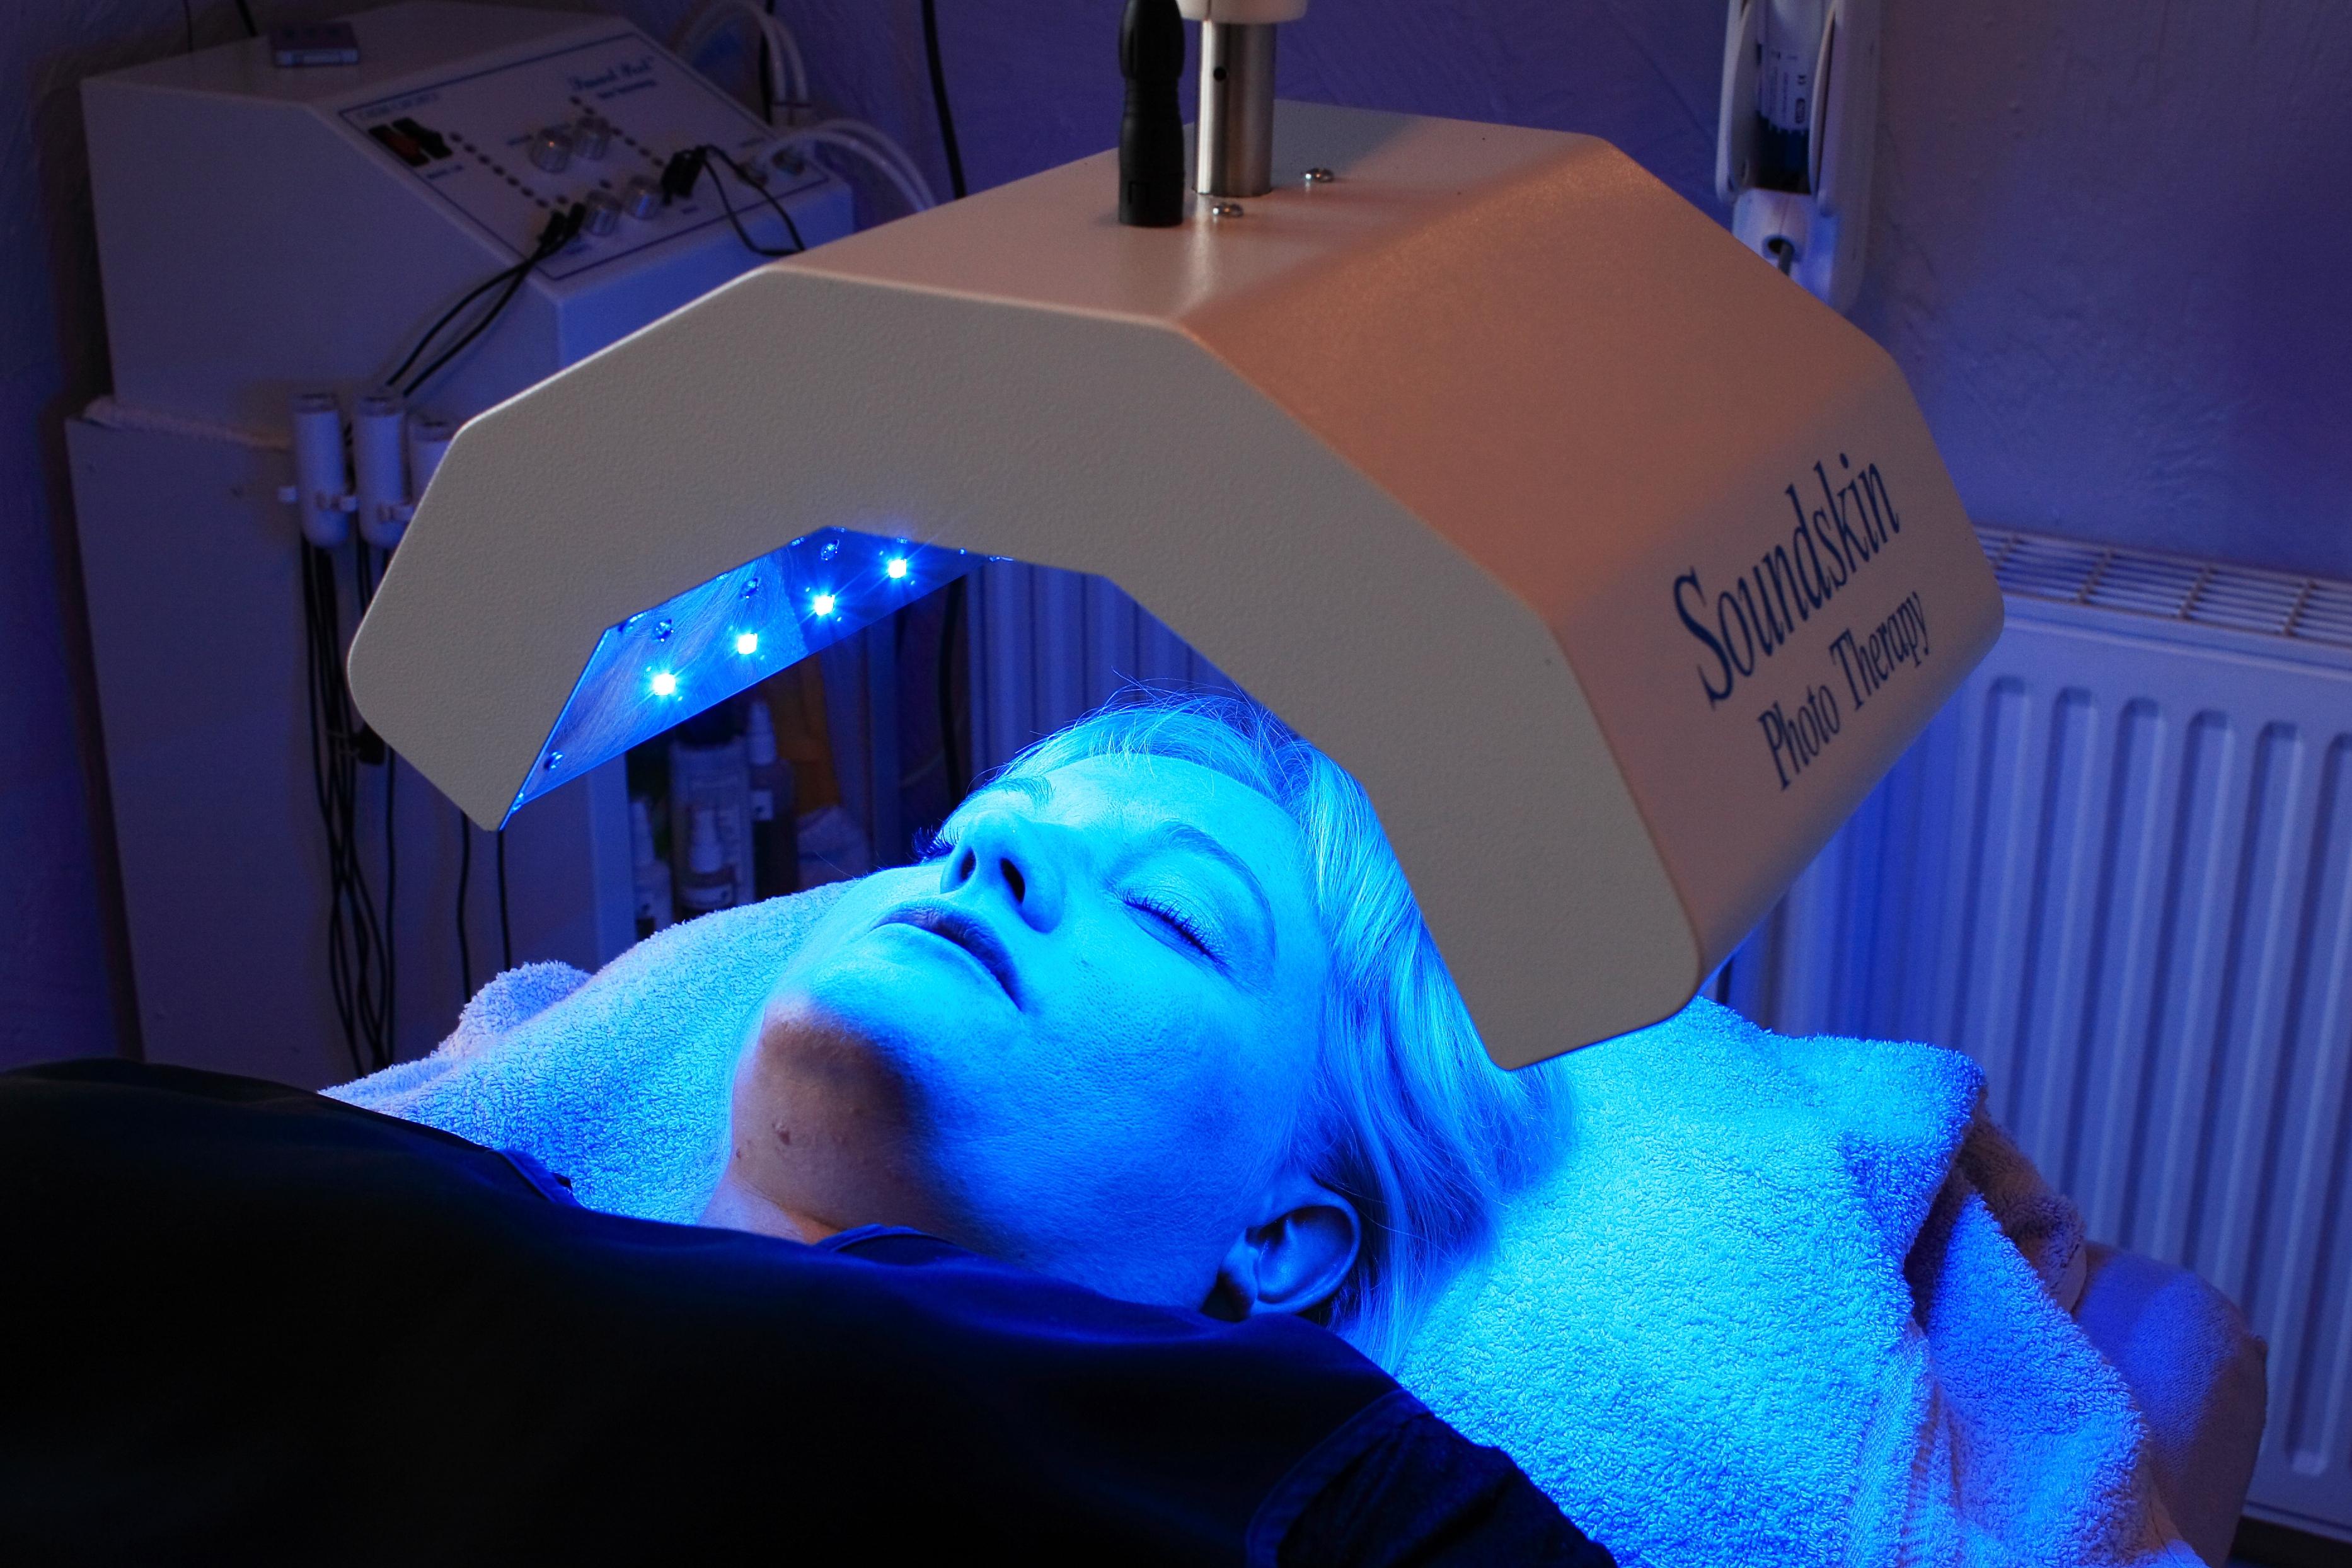 Ультрафиолетовое излучение — википедия. что такое ультрафиолетовое излучение